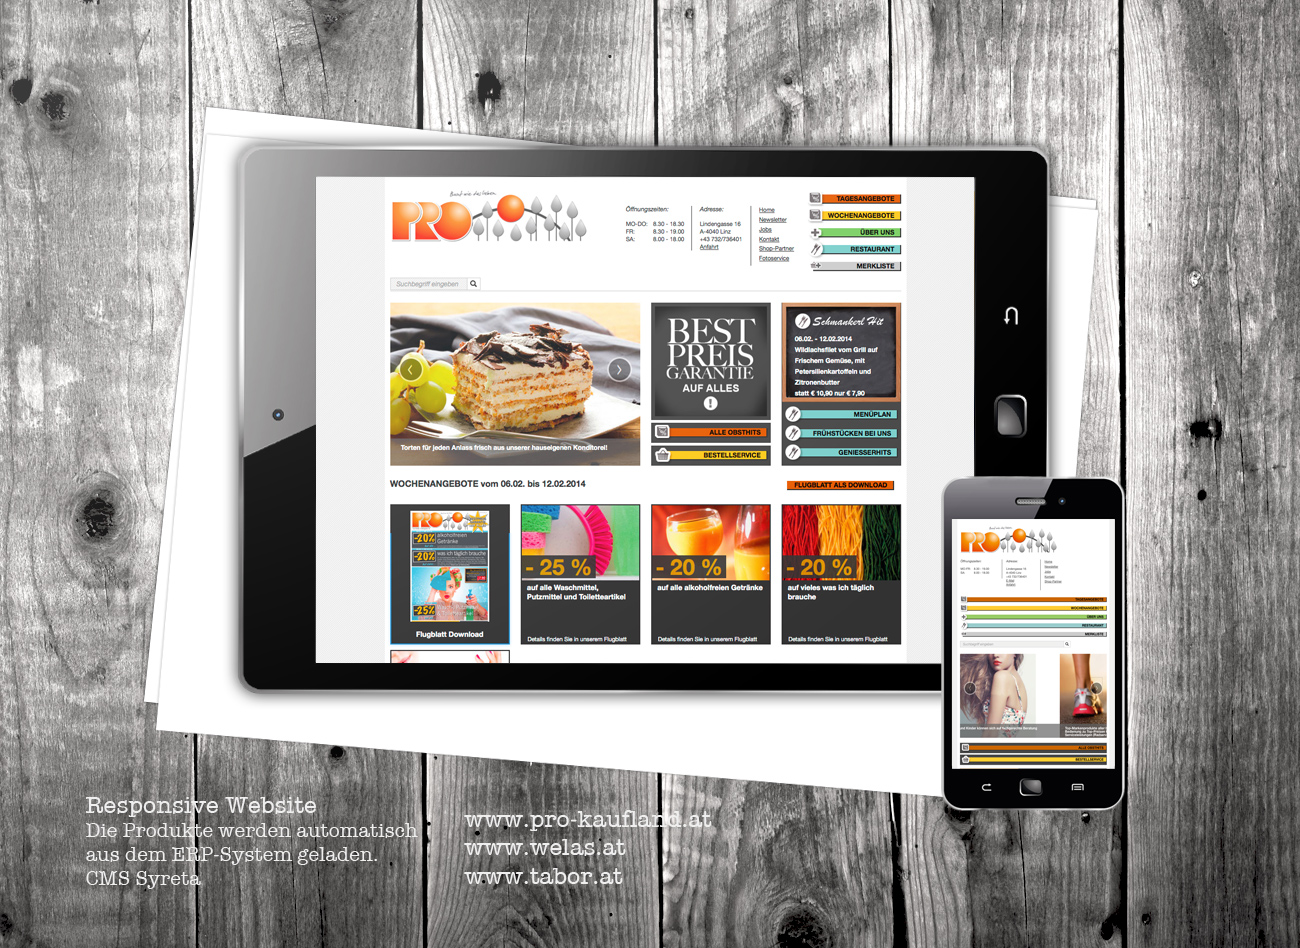 Responsive Website für die Einkaufszentren Prokaufland, Welas & Tabor